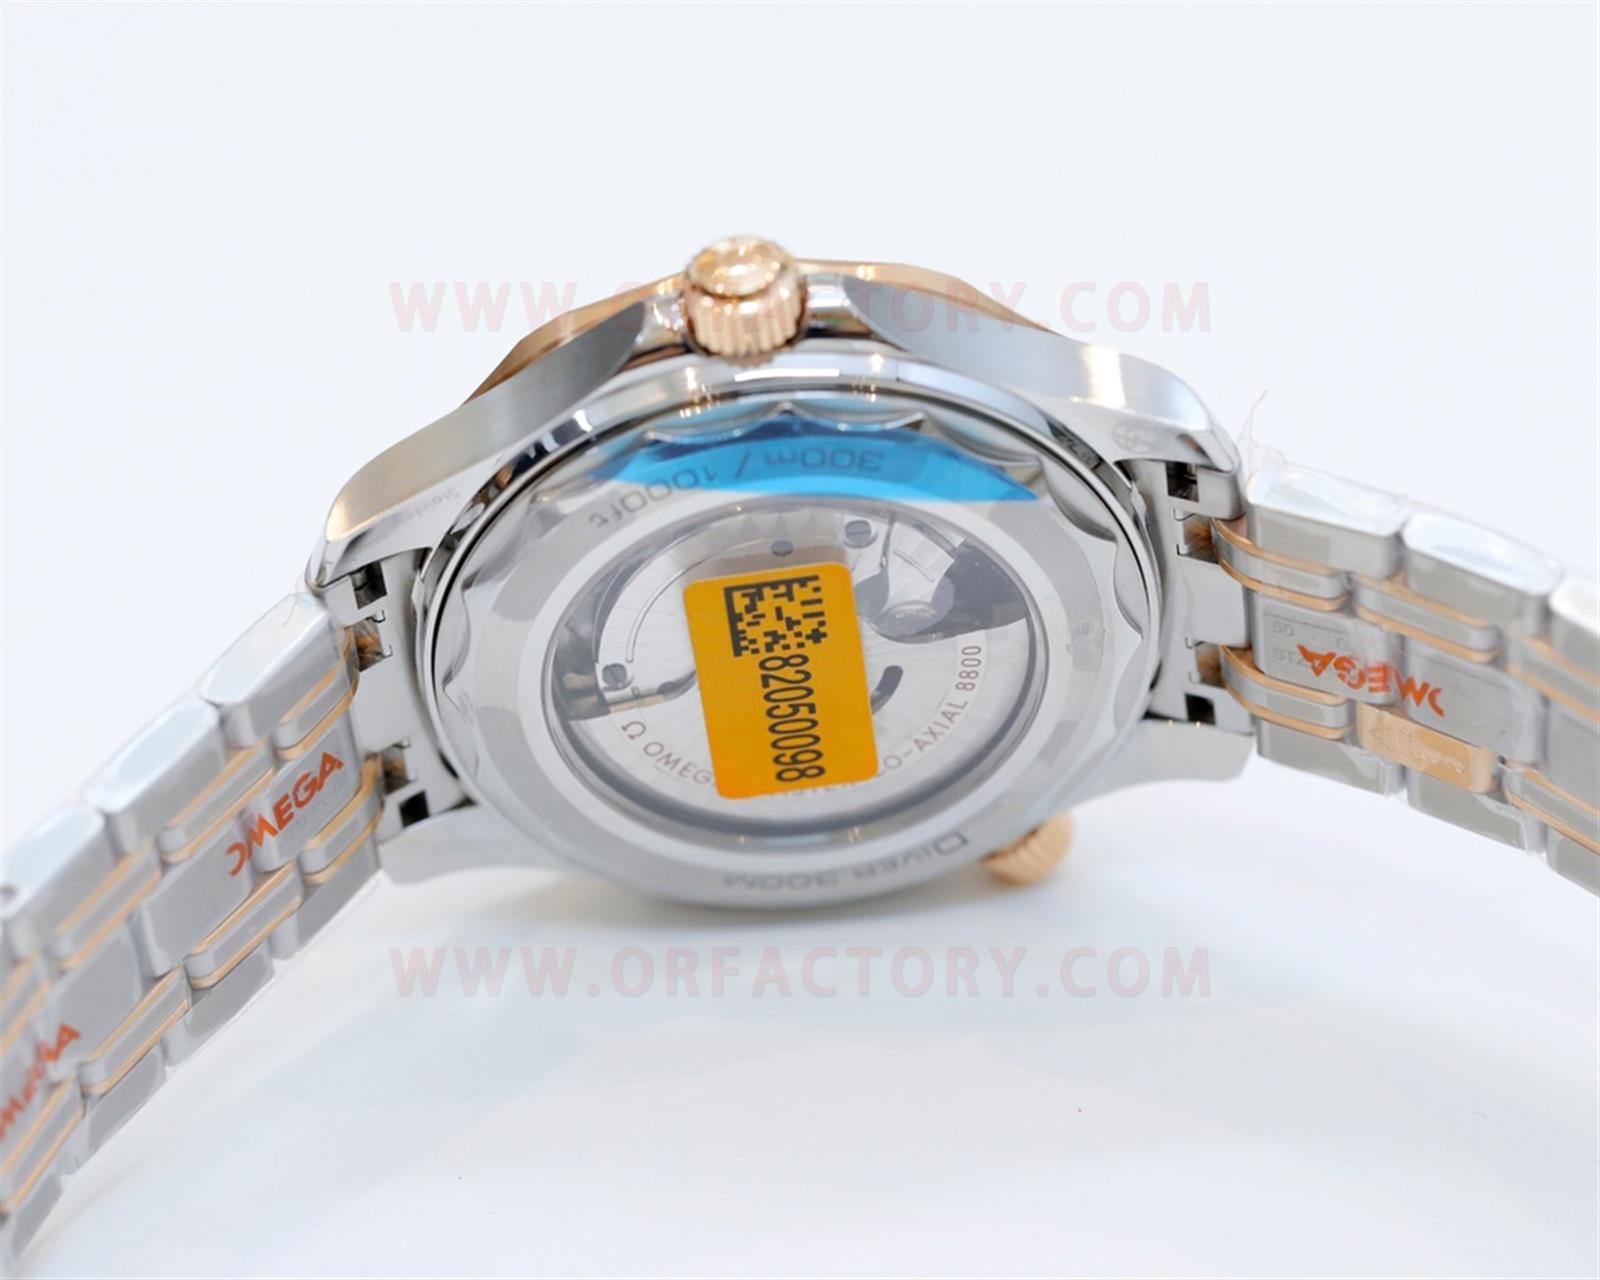 OR厂复刻欧米茄新海马300m腕表评测-间玫瑰金波纹黑盘